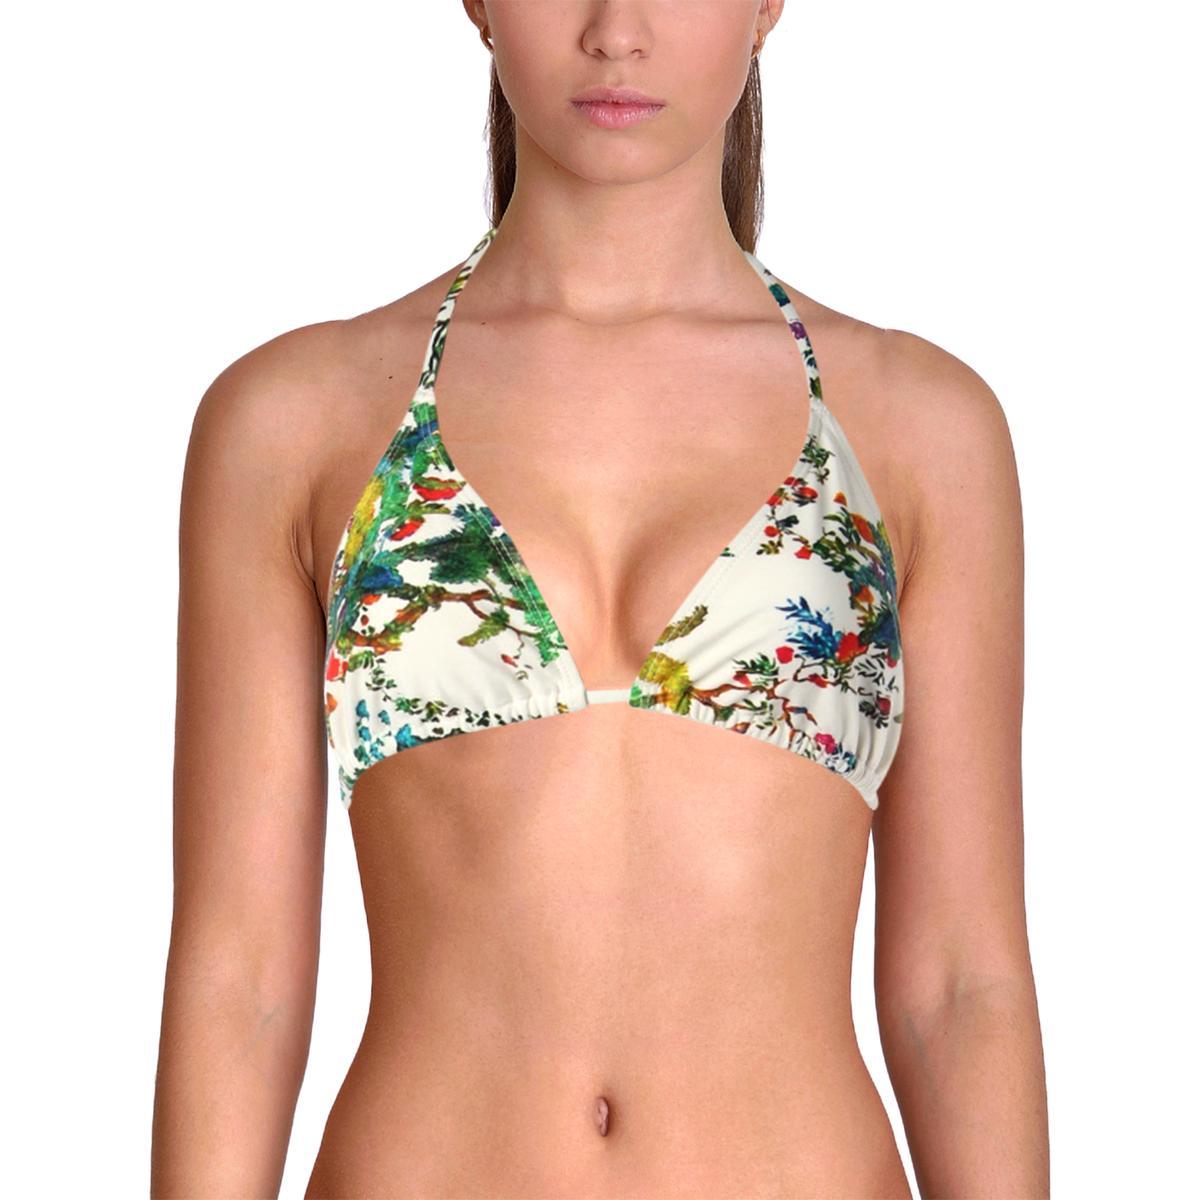 bikini top separates